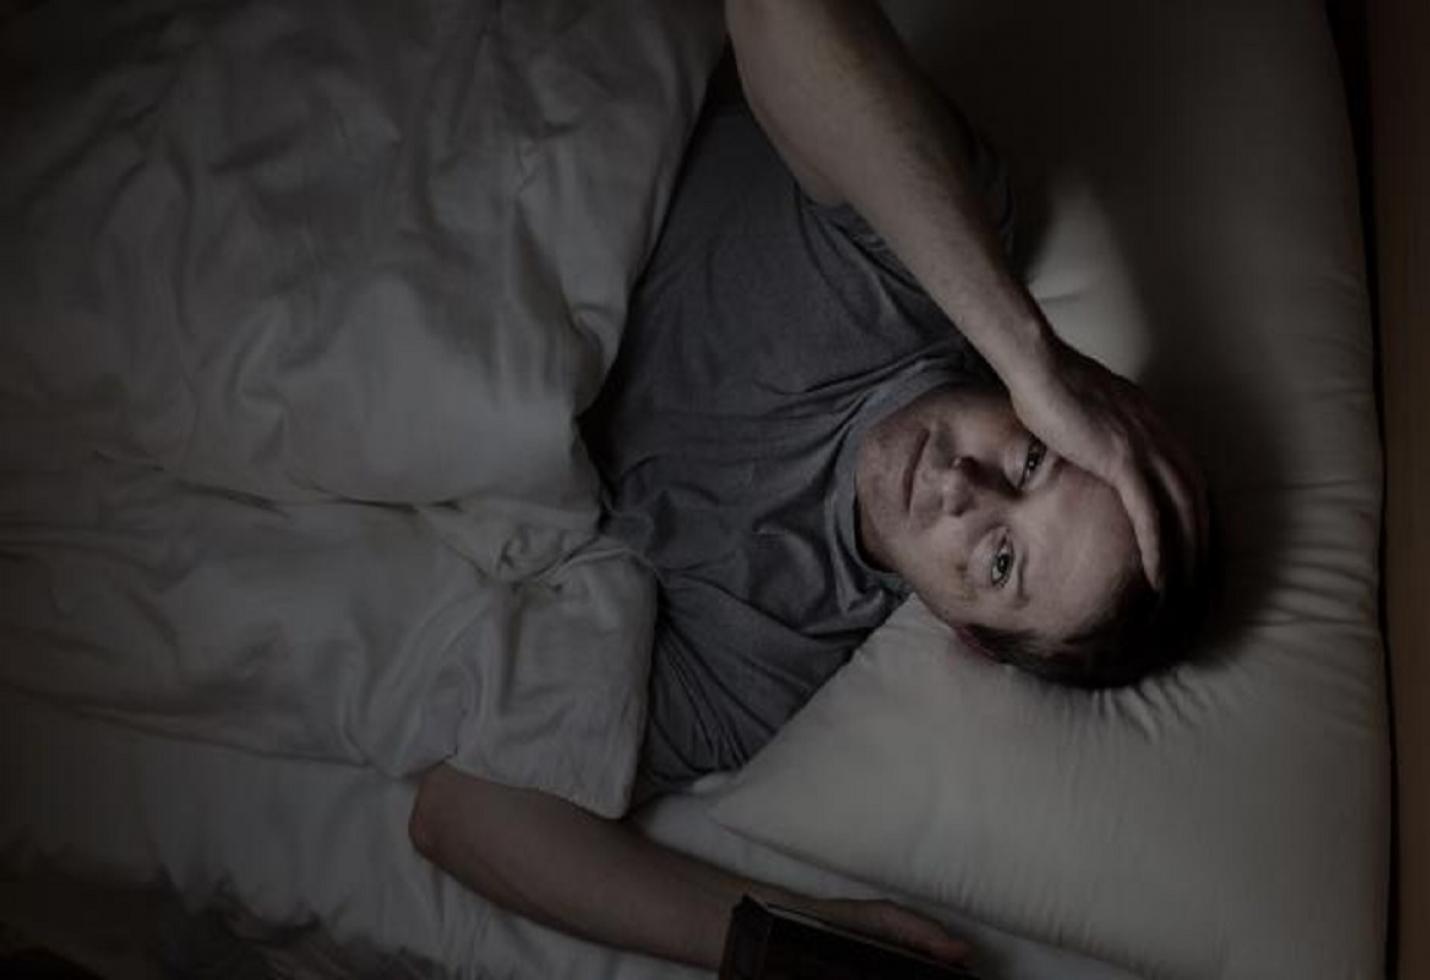 А ви знали, що ми ніколи просто так не прокидаємось посеред ночі?